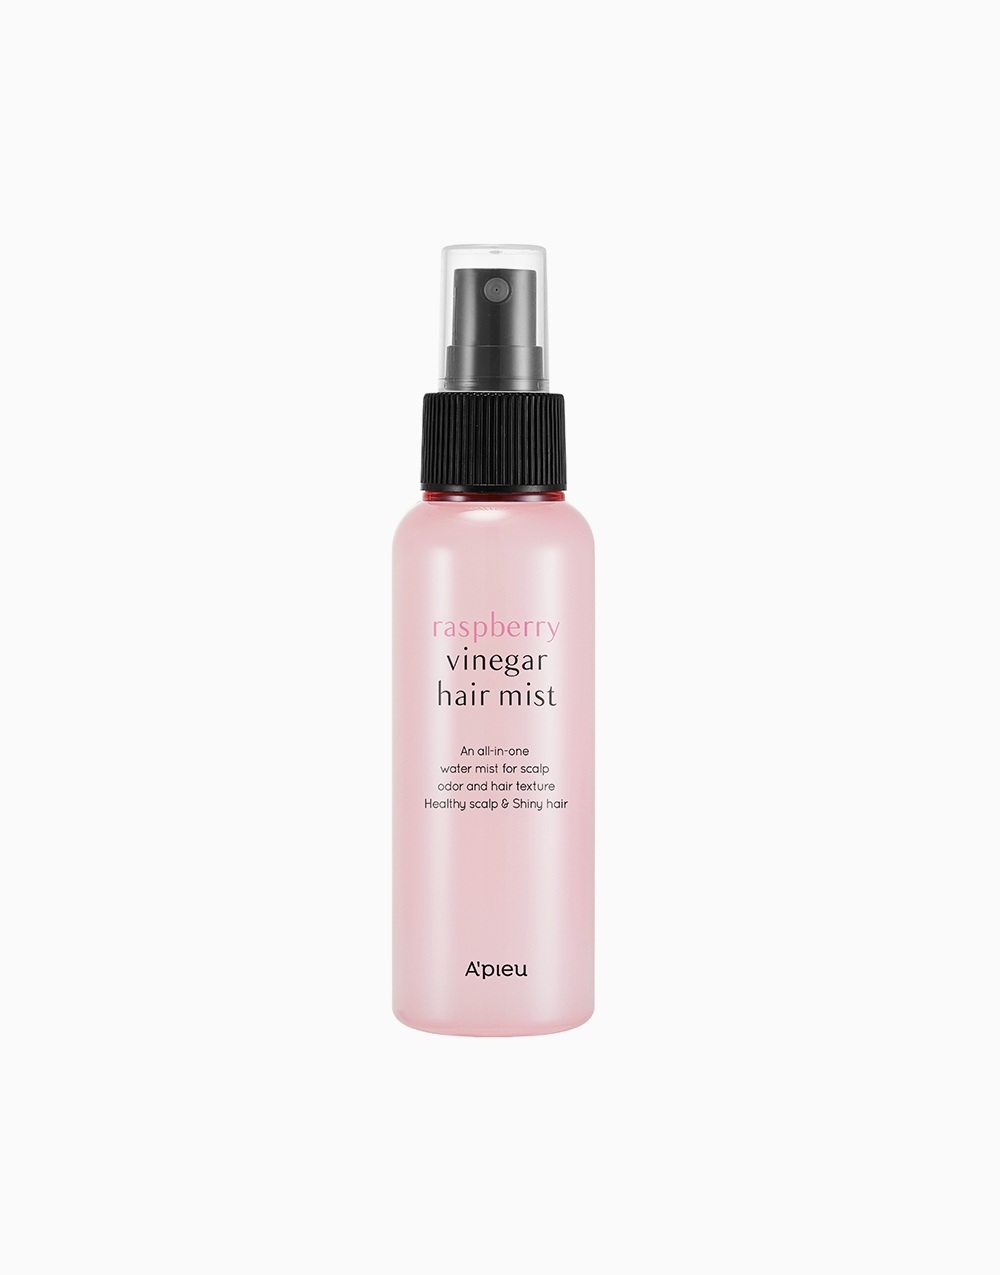 Raspberry Vinegar Hair Mist by A'pieu